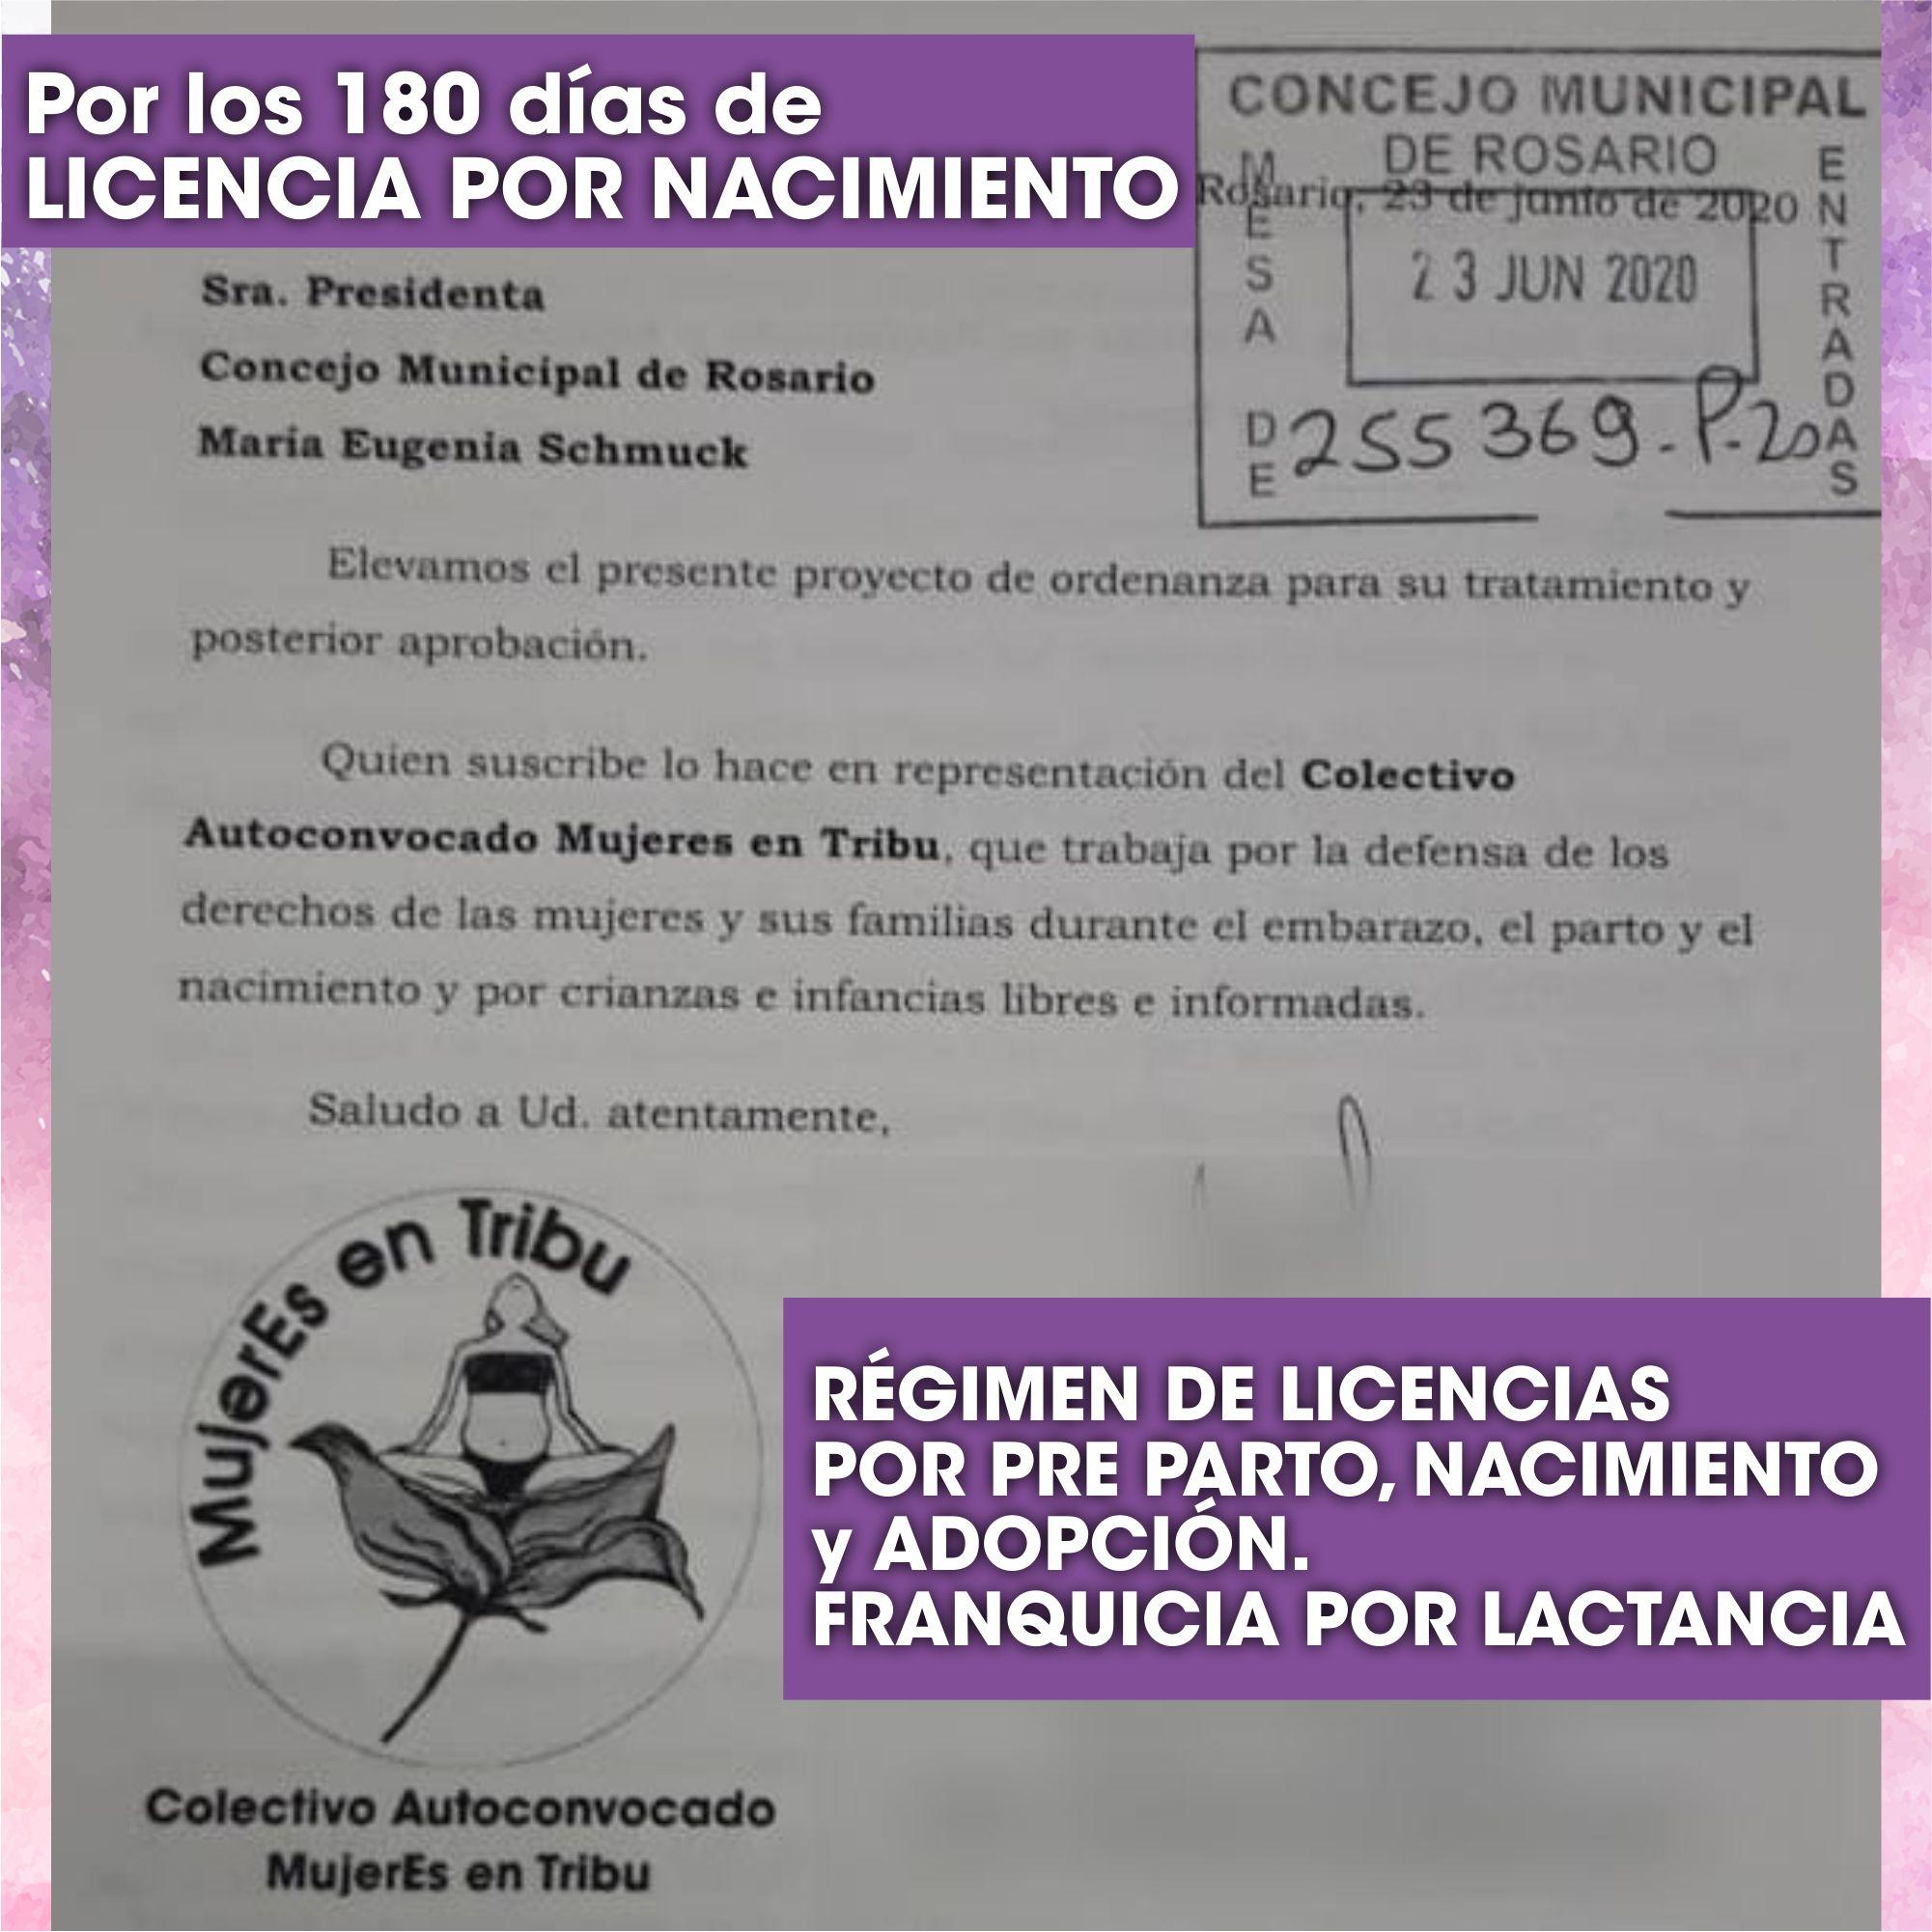 Rosario: Proponen un régimen de licencias igualitarias de 180 días por nacimiento